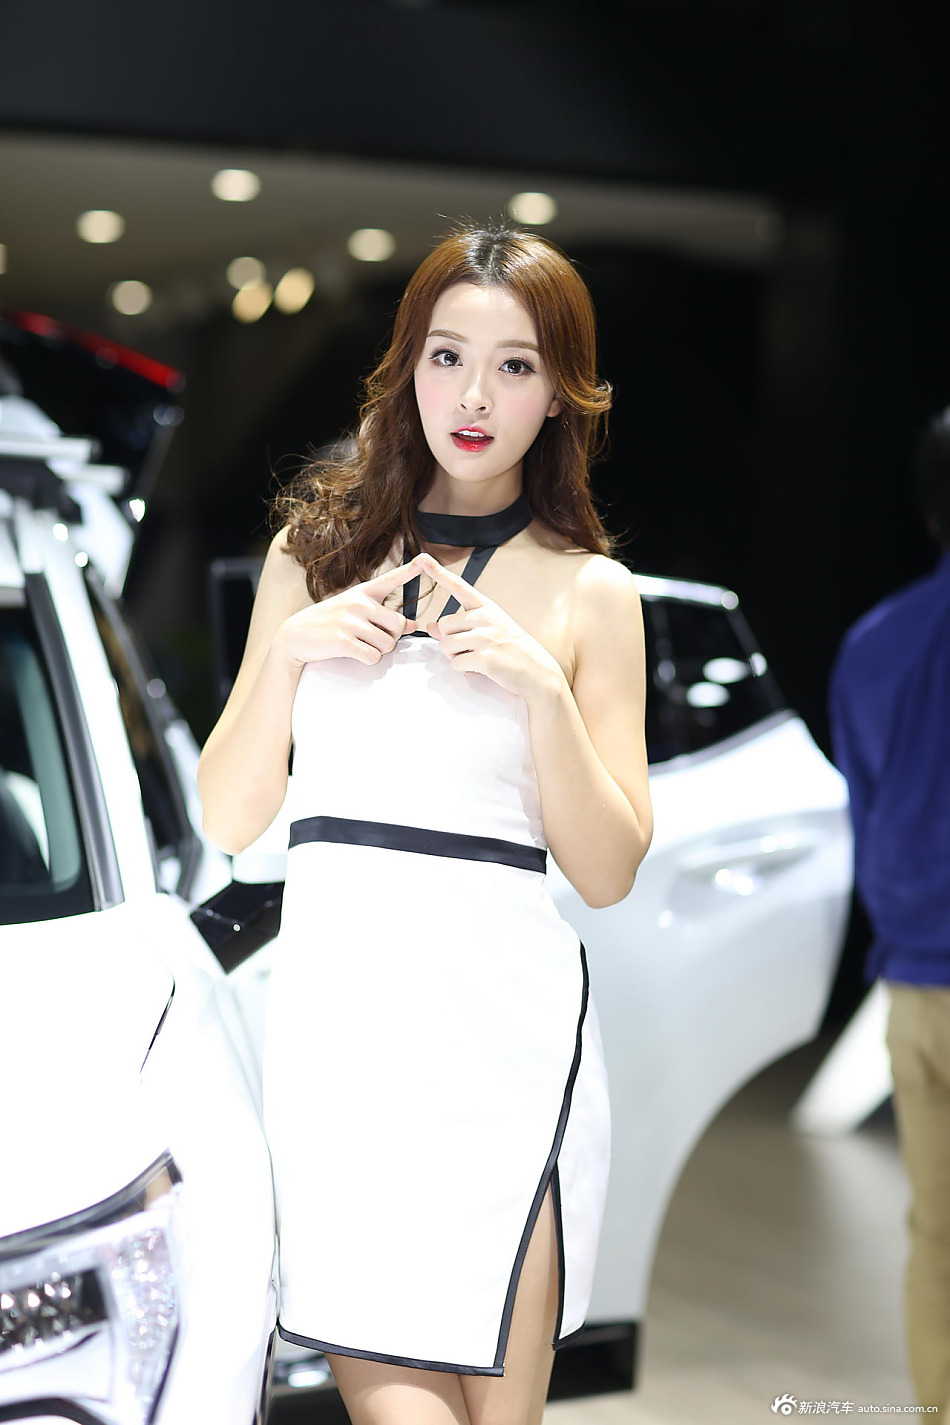 甜美系    俏皮可爱的美女车模